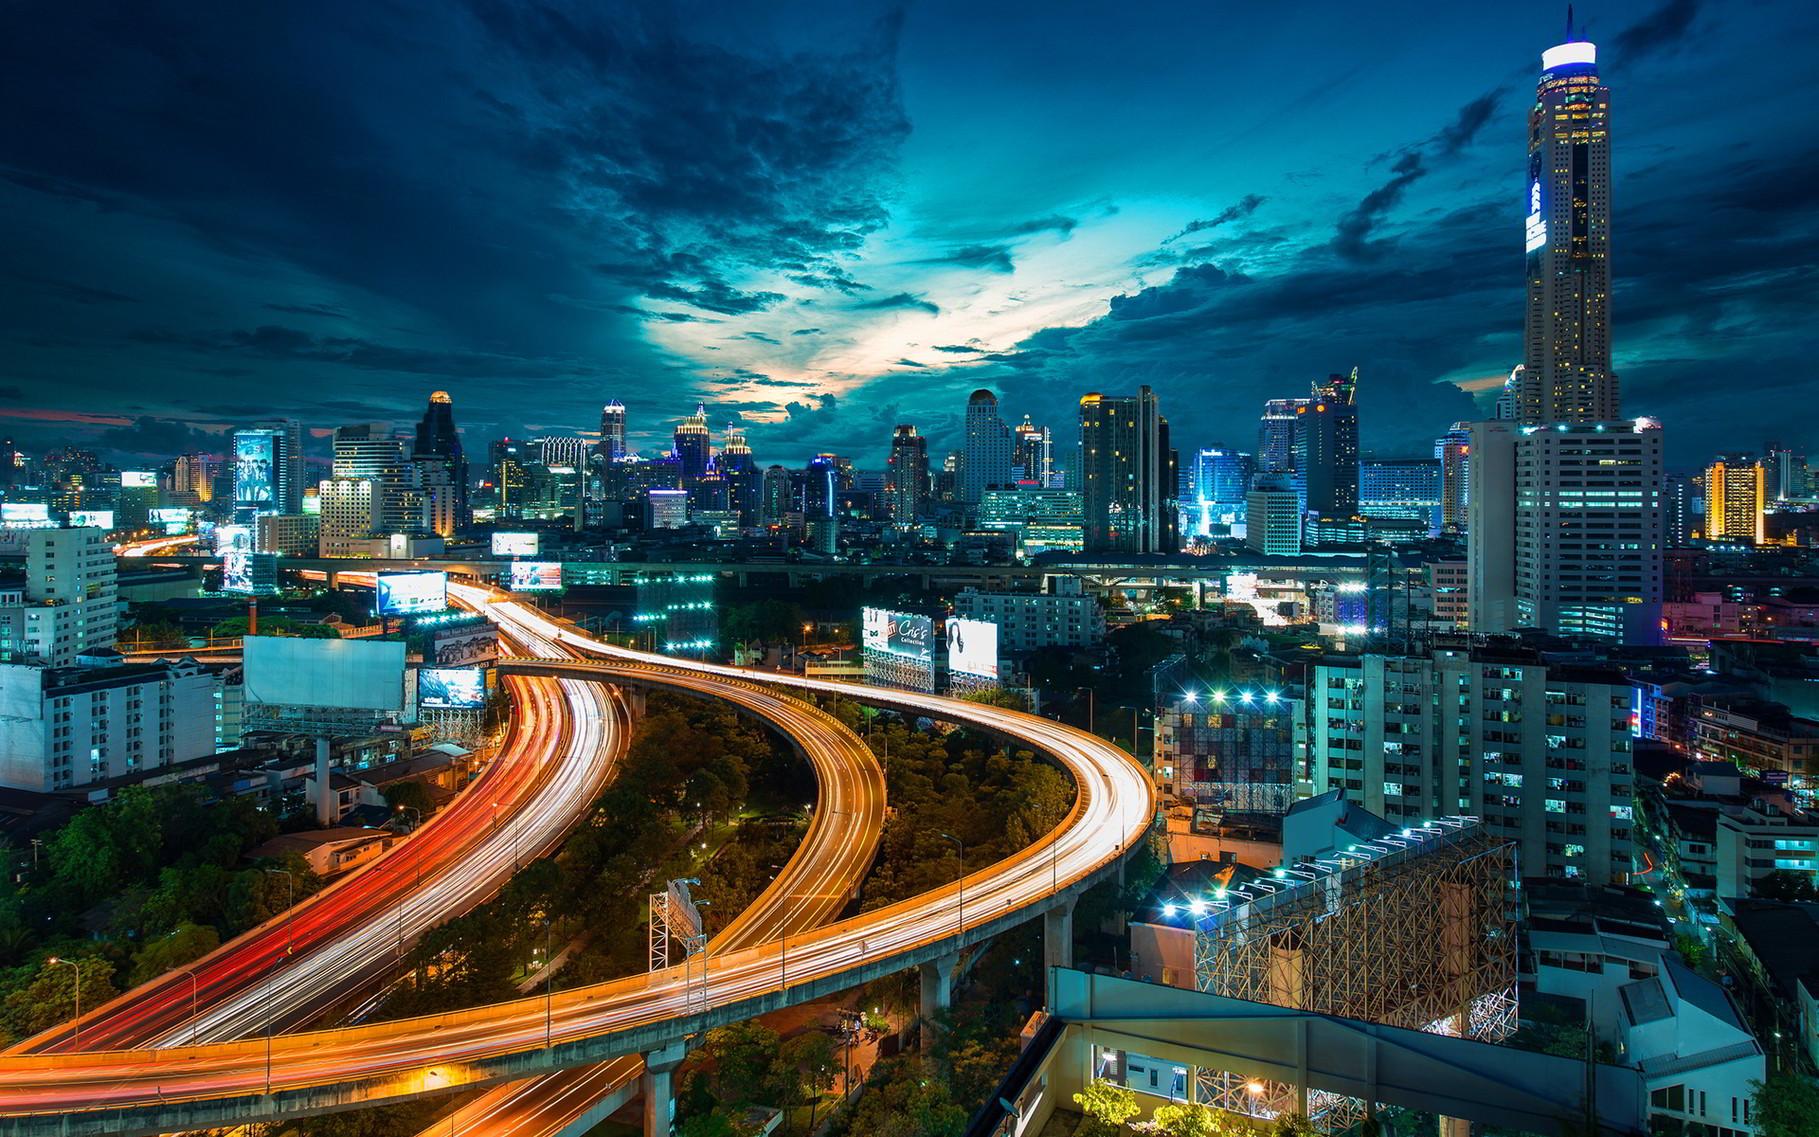 Bangkok ist eine absolut faszinierende Stadt, vorallem wenn man sich auskennt und weiss wie man sich fortbewegen kann